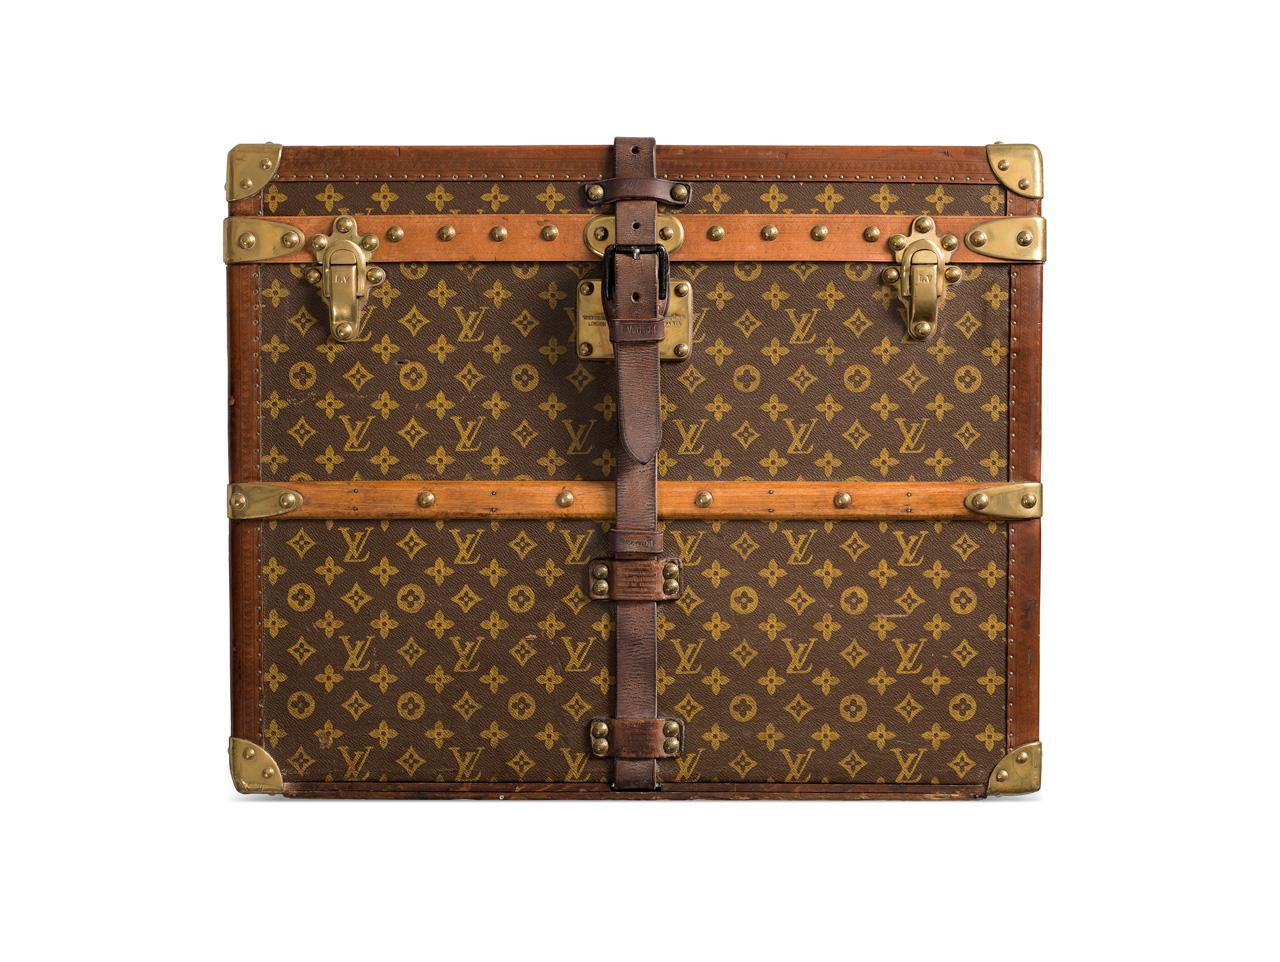 9233528546d4 Louis Vuitton s Time Capsule exhibition travels to Melbourne